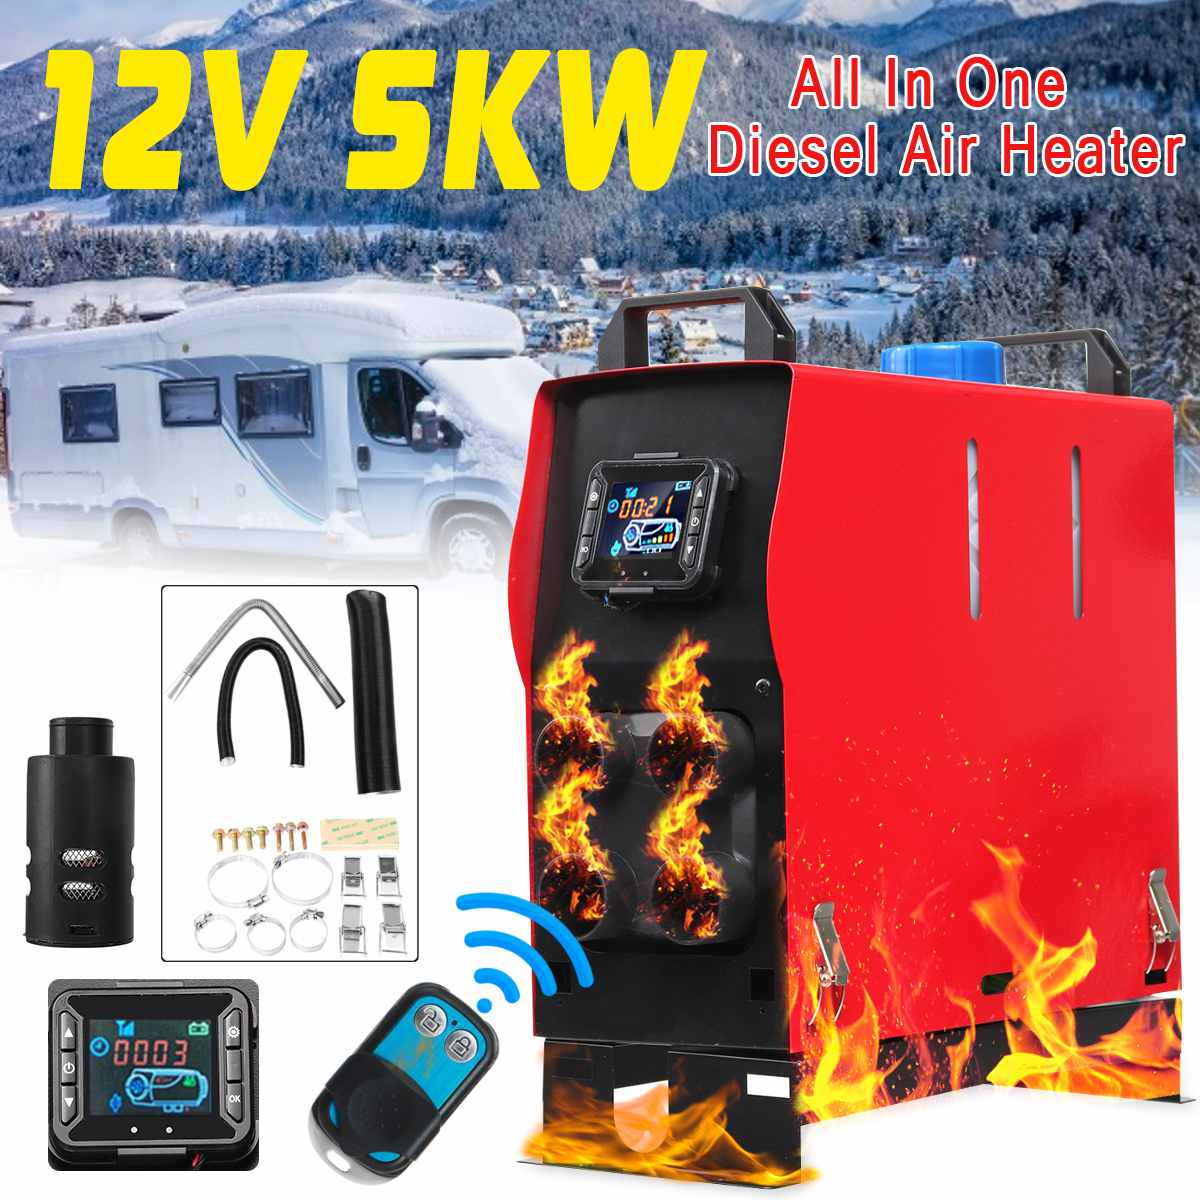 Diesel réchauffeur d'air 12 V 5KW Tout En 1 LCD 1/4 Trous PLANAIRE pour la voiture Camions Remorque Avec télécommande Moniteur À Faible Bruit automatique